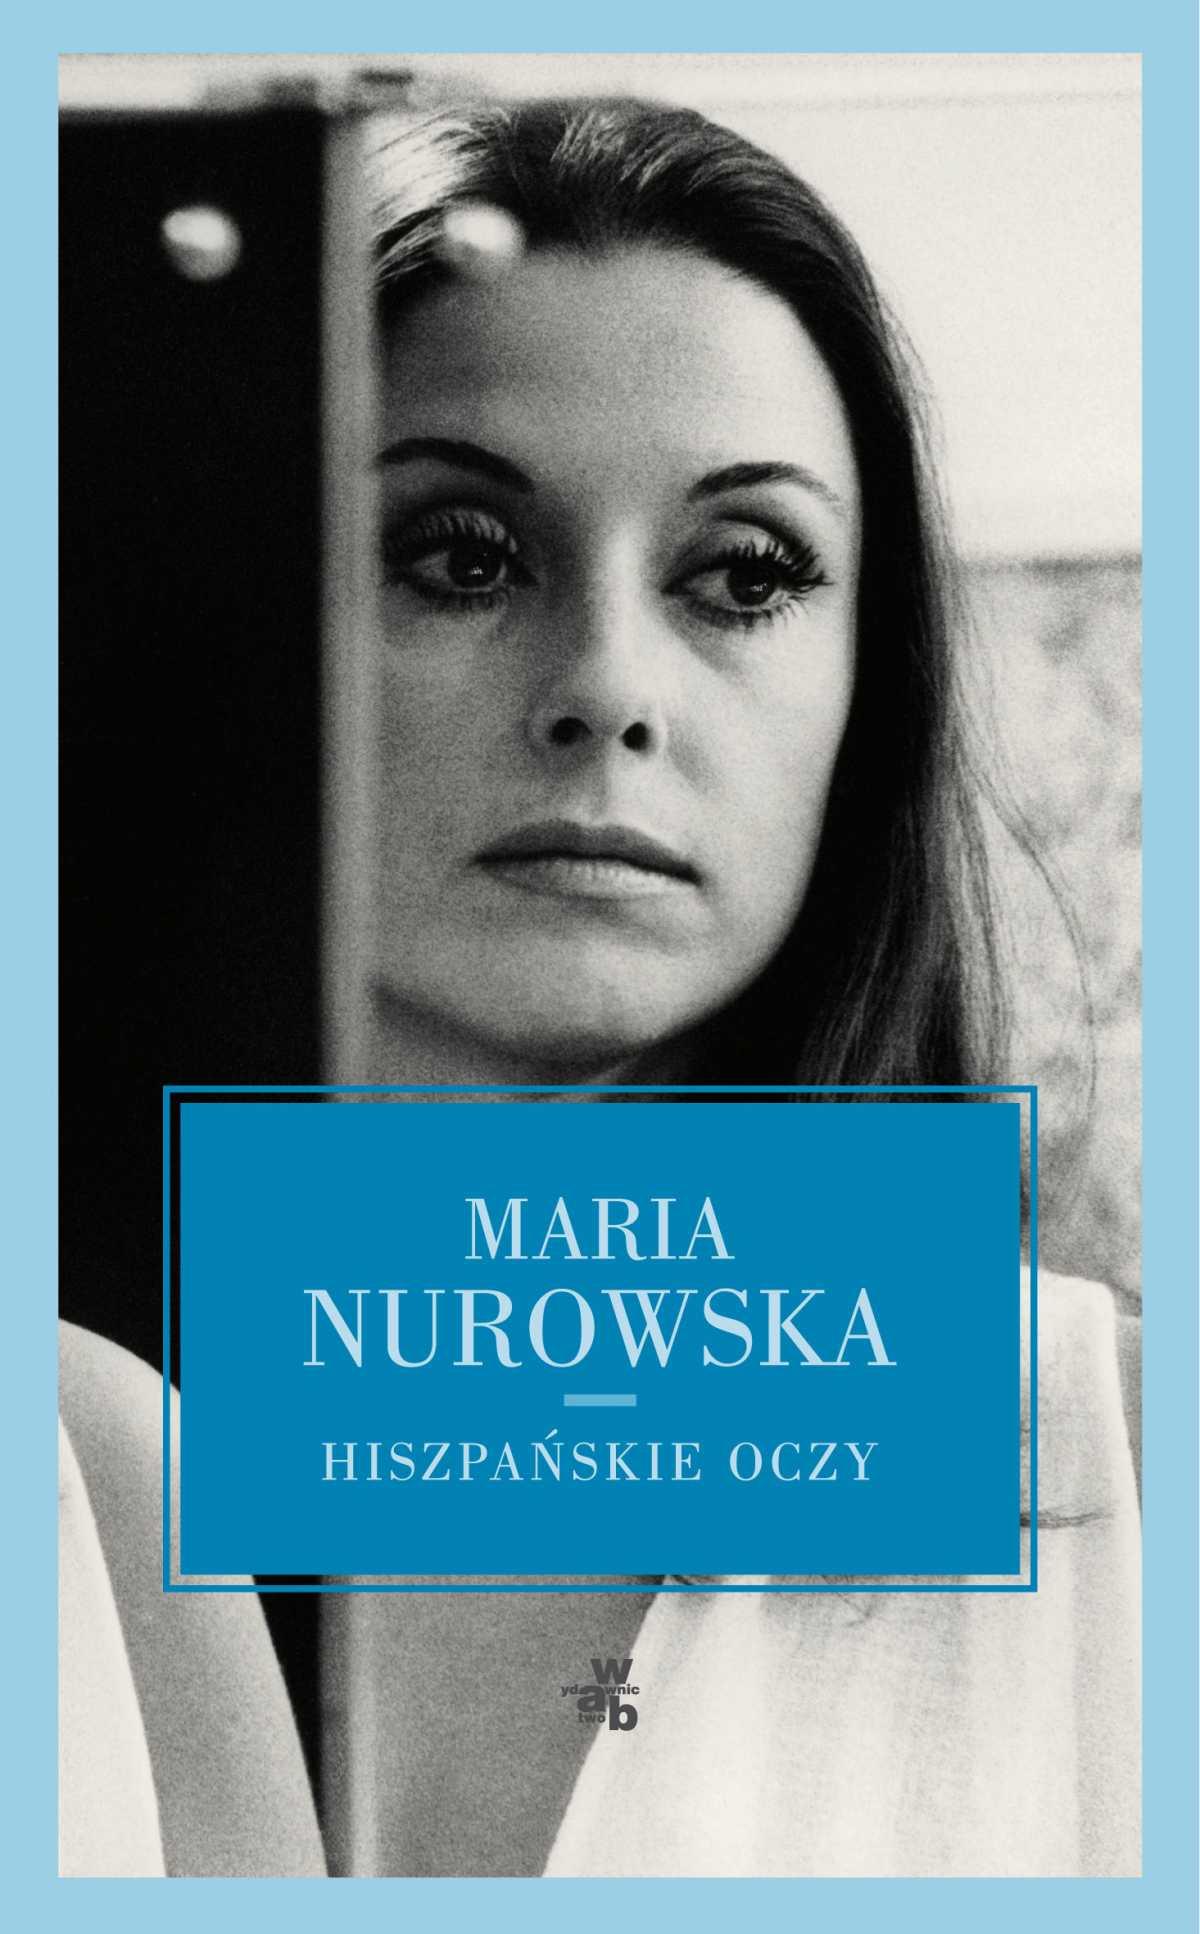 Hiszpańskie oczy - Ebook (Książka na Kindle) do pobrania w formacie MOBI